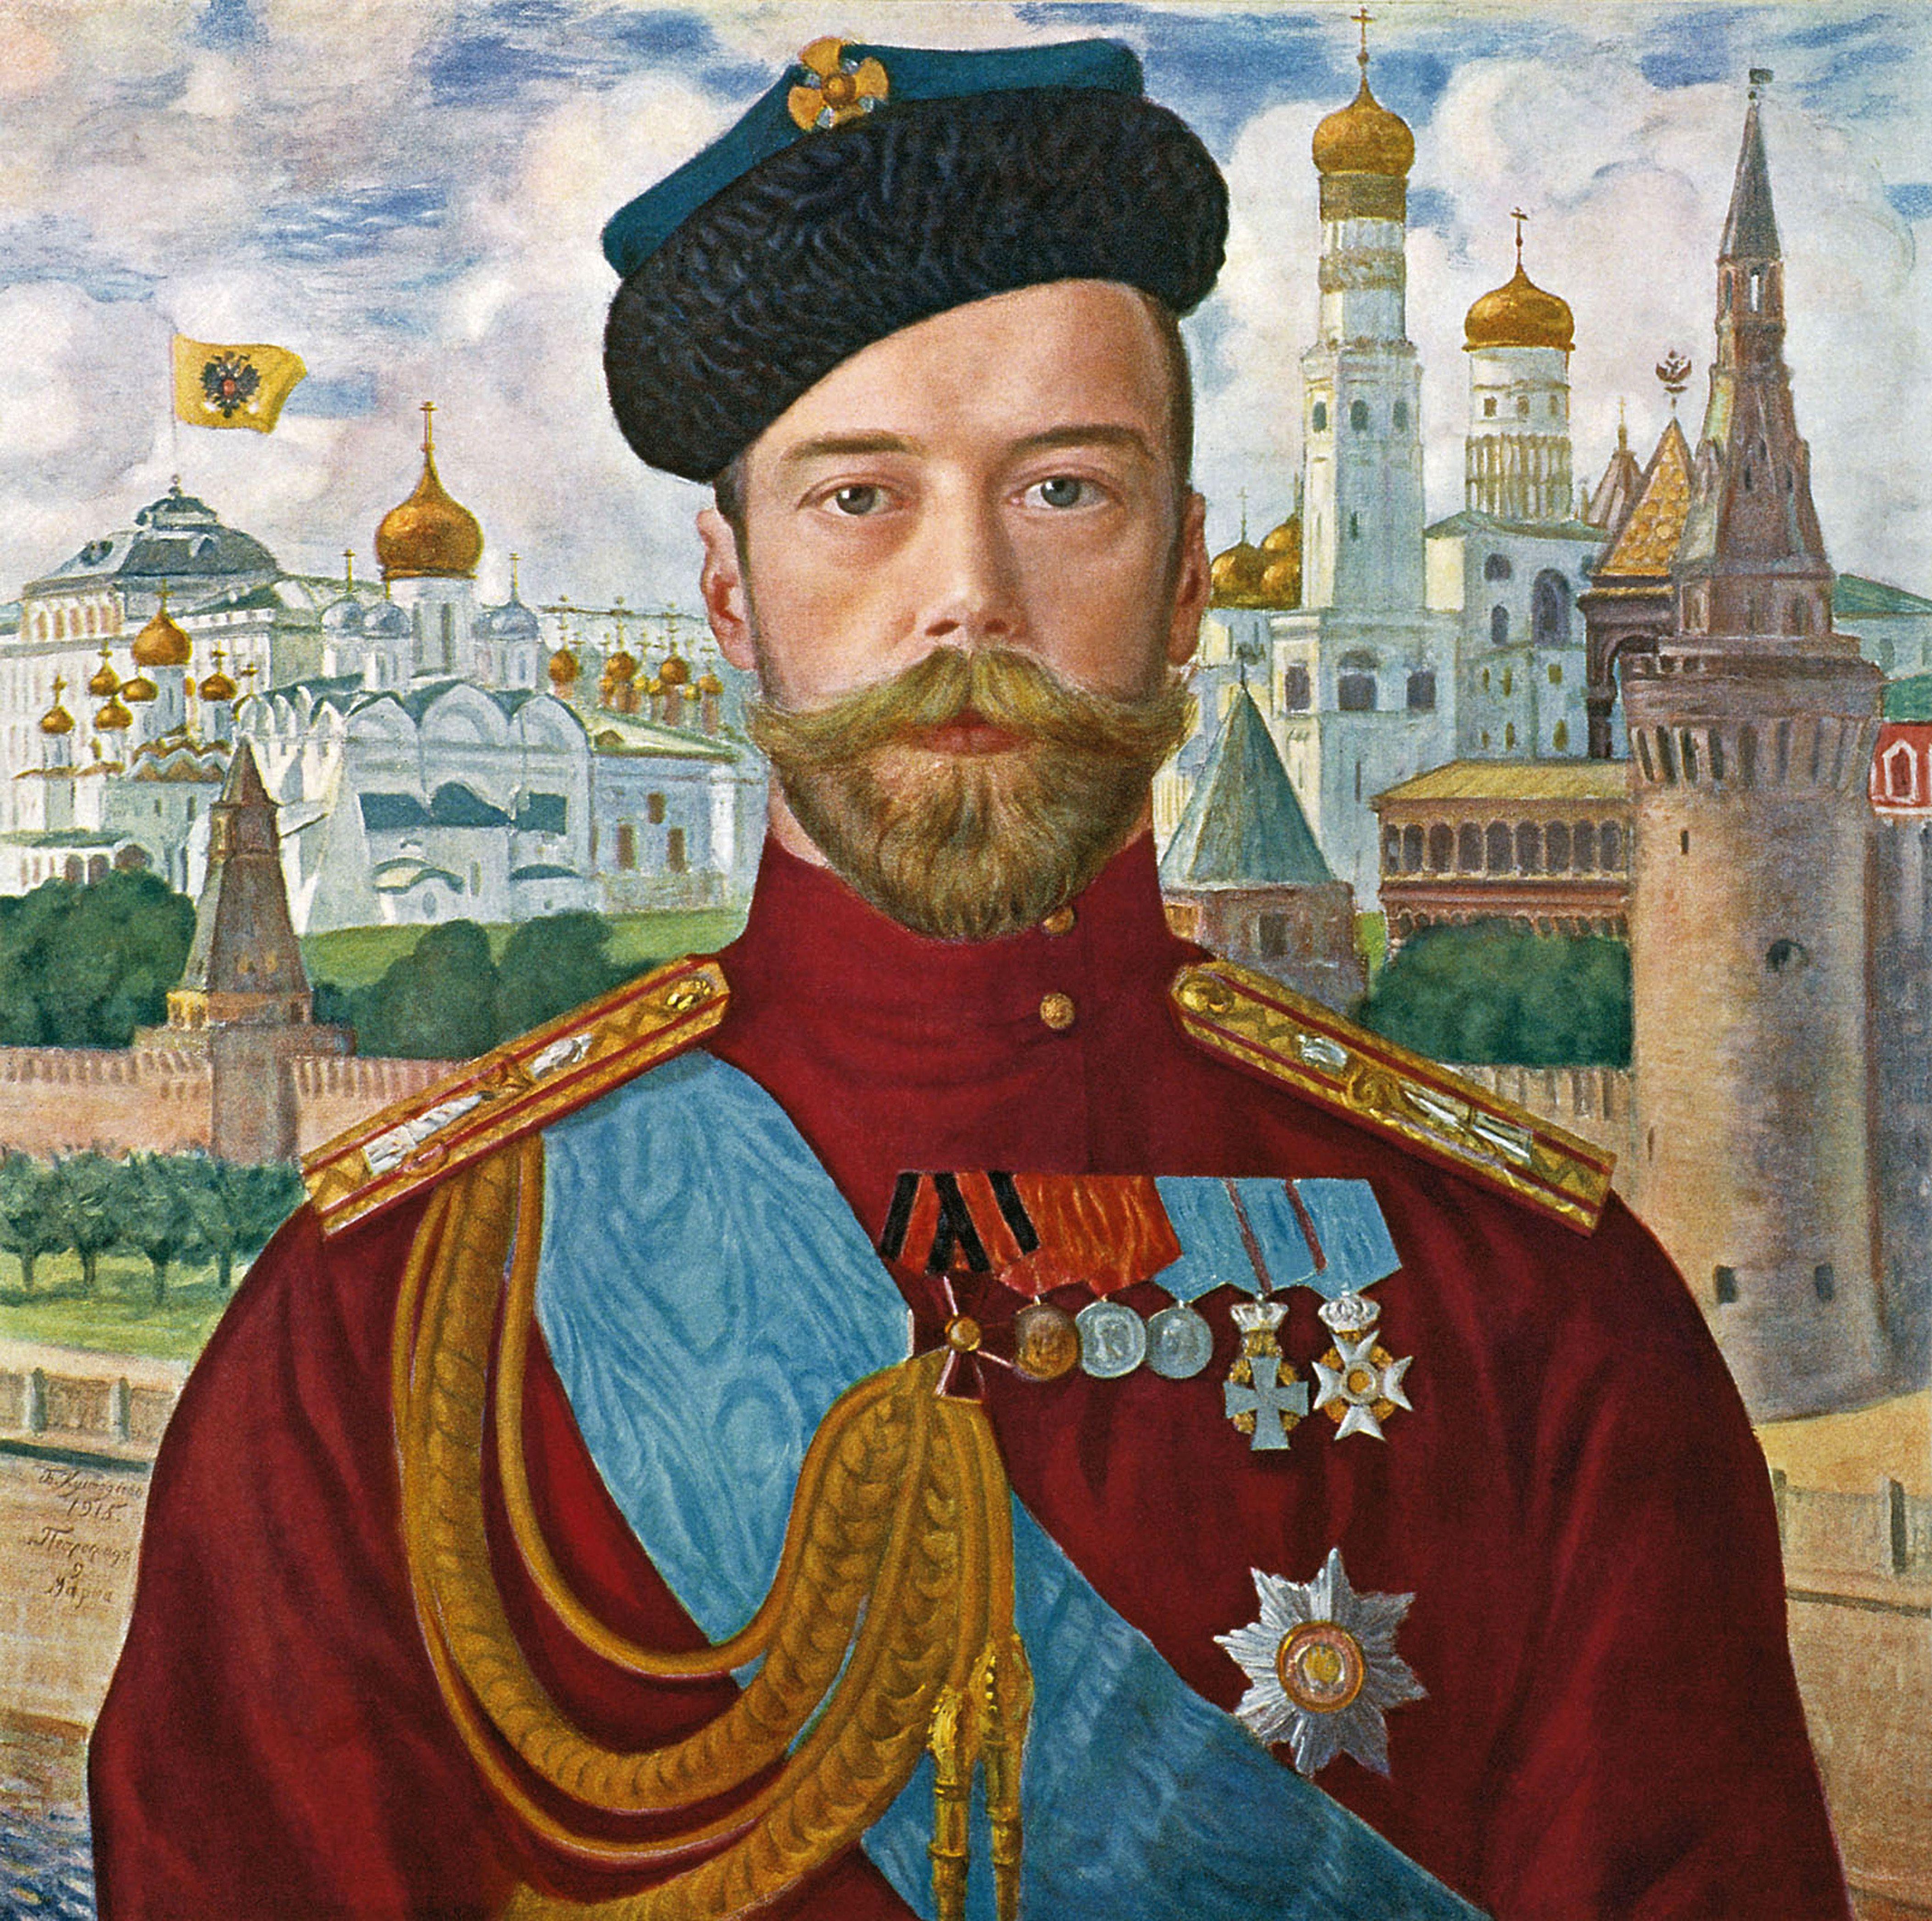 Tsar Nicholas II of Russia, 1915